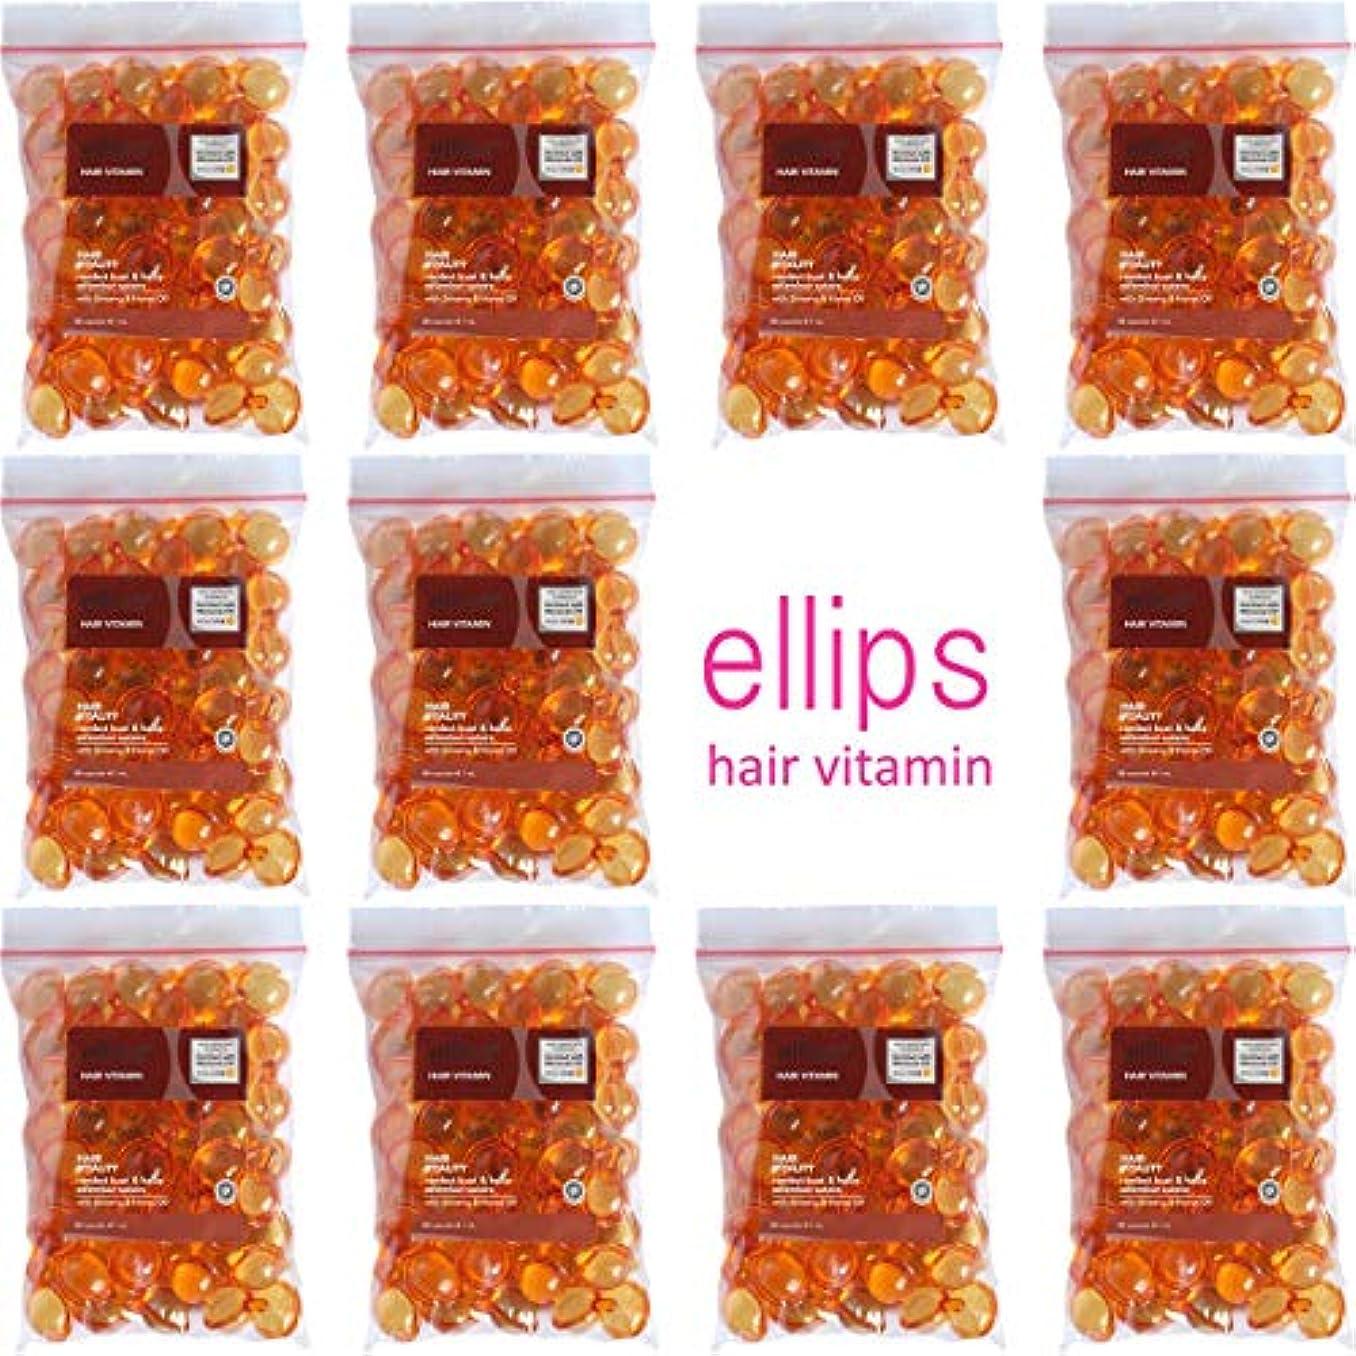 に向かって孤独ふくろうellips エリプス エリップス ヘアビタミン ヘアオイル 洗い流さないトリートメント 袋詰め 50粒入×11個セット ブラウン [海外直送品]